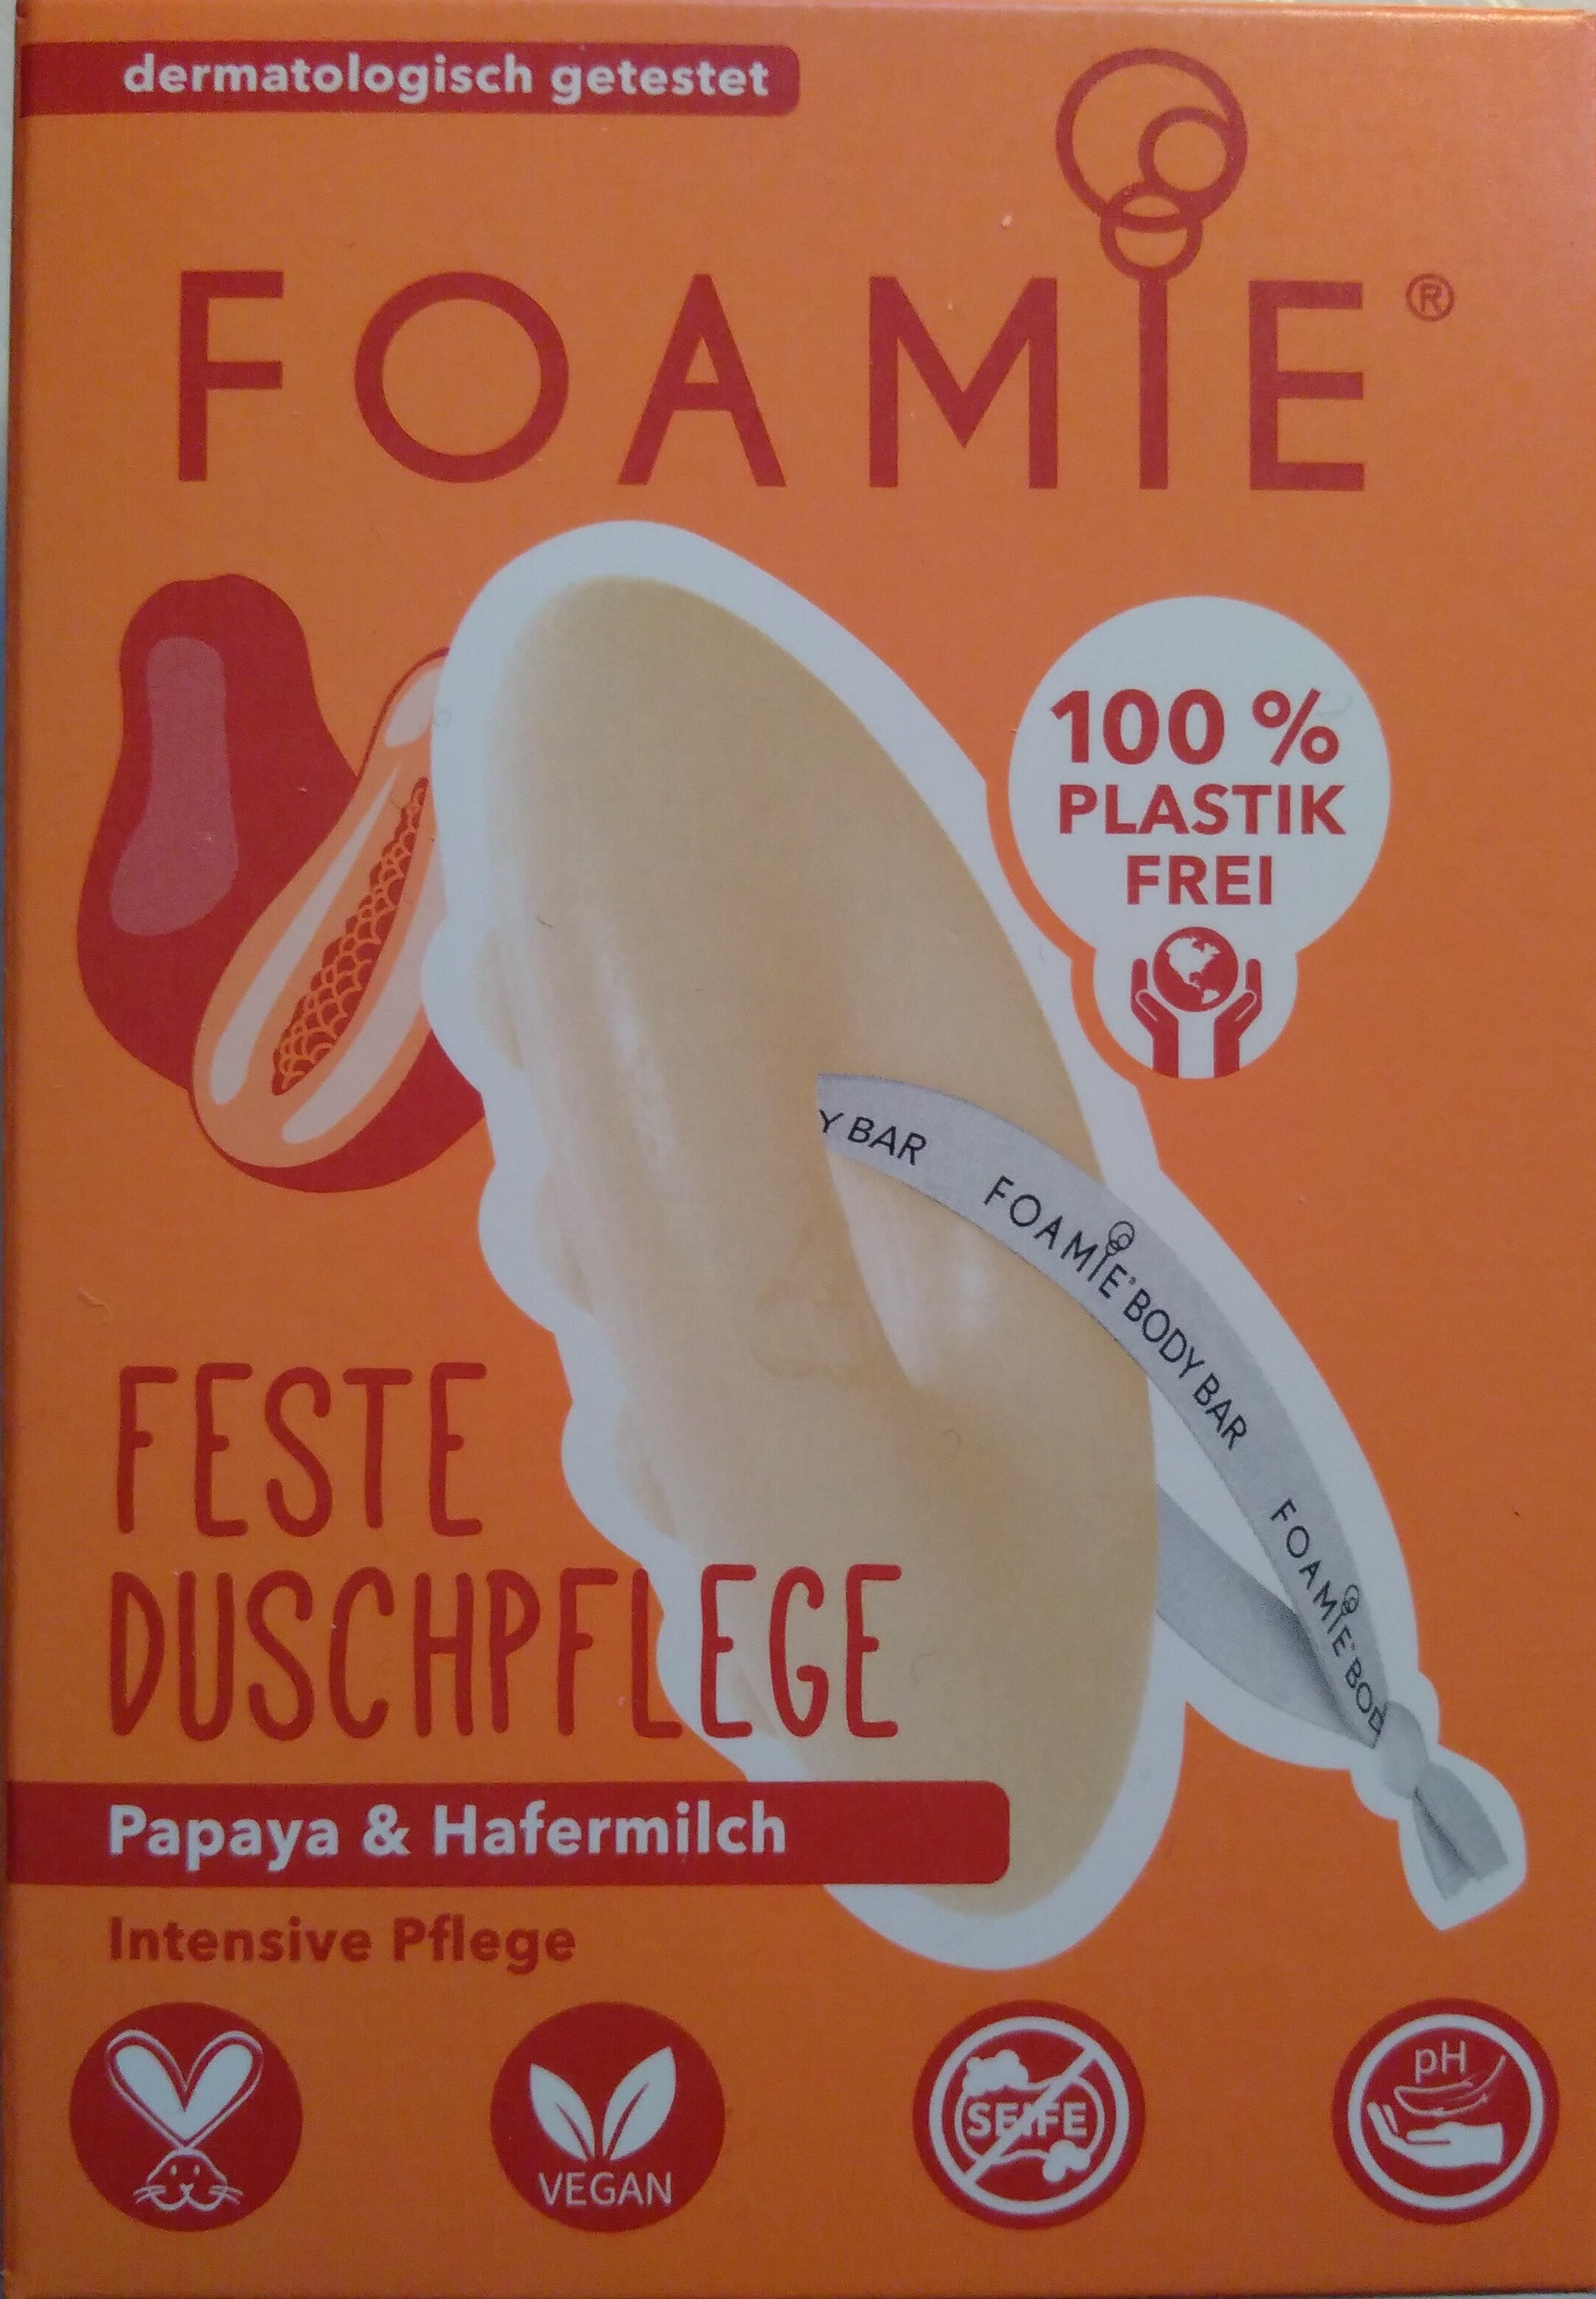 Foamie Feste Duschpflege - Produit - de